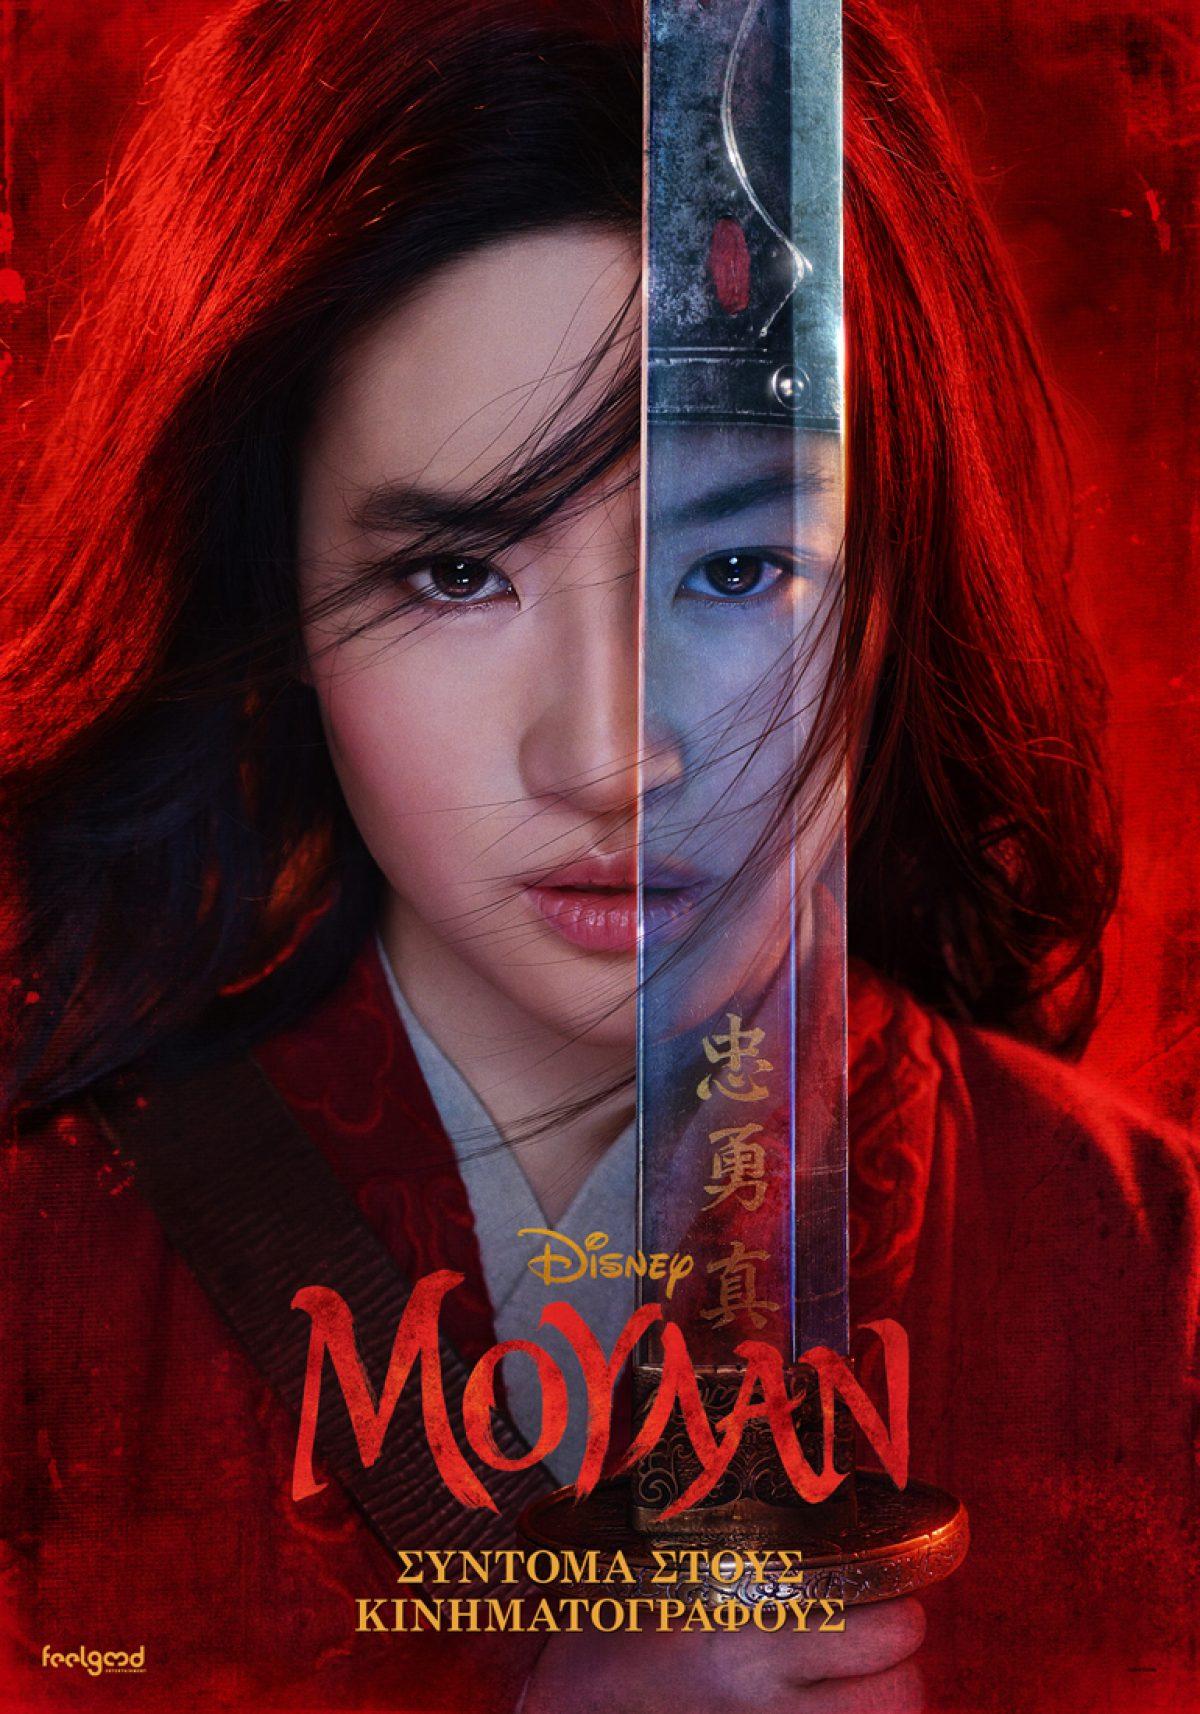 ΜΟΥΛΑΝ – Official Teaser Trailer & αφίσα – Το 2020 στους κινηματογράφους από την Feelgood